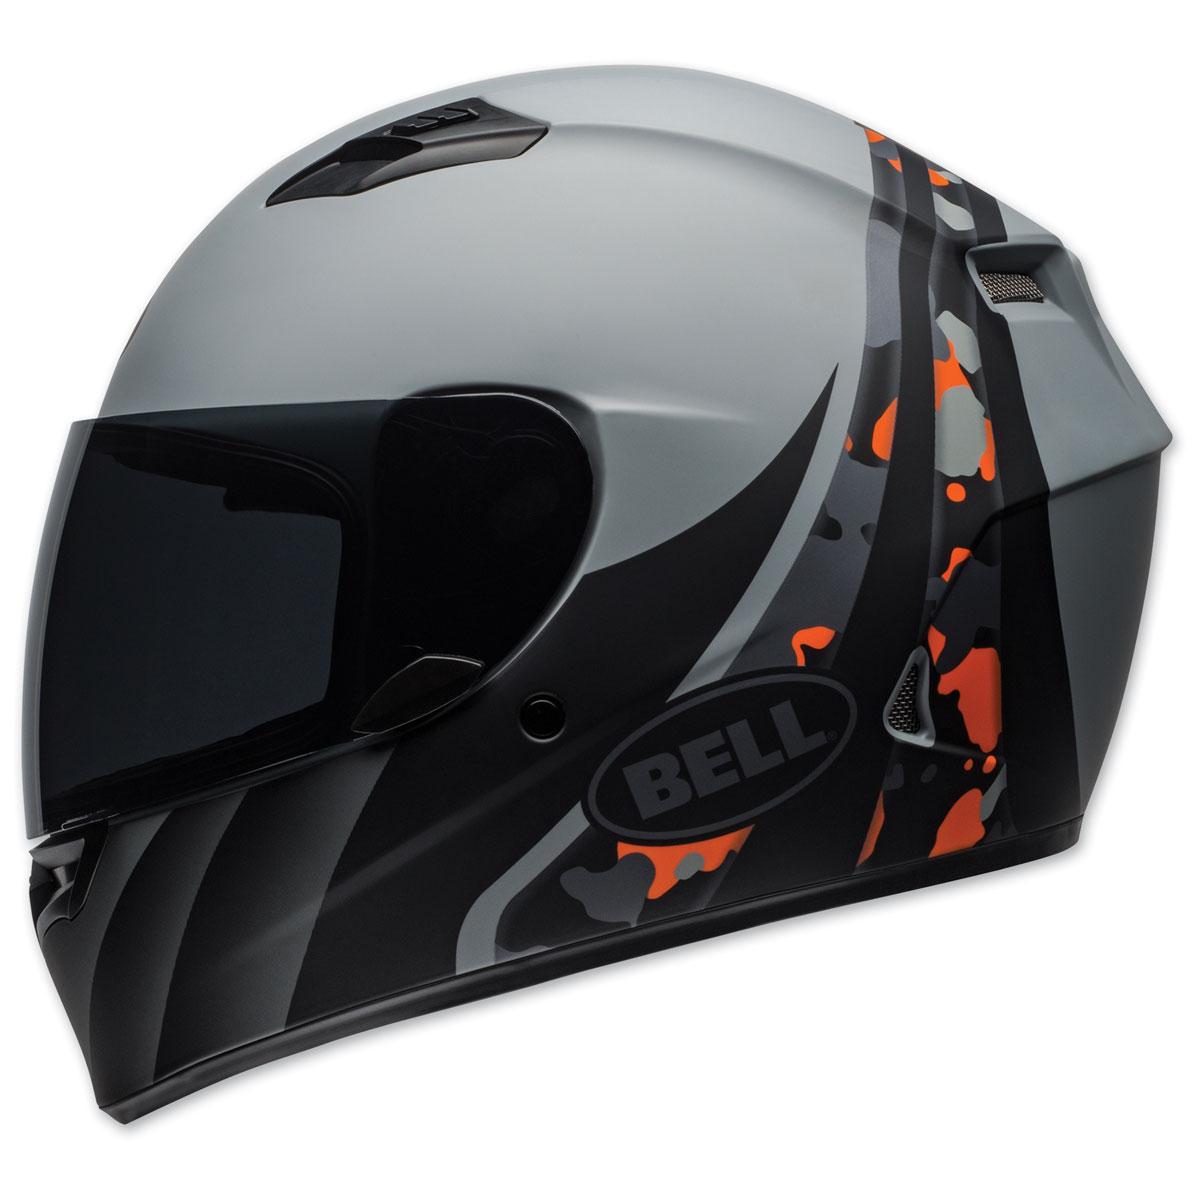 Bell Qualifier Integrity Gray/Orange Full Face Helmet